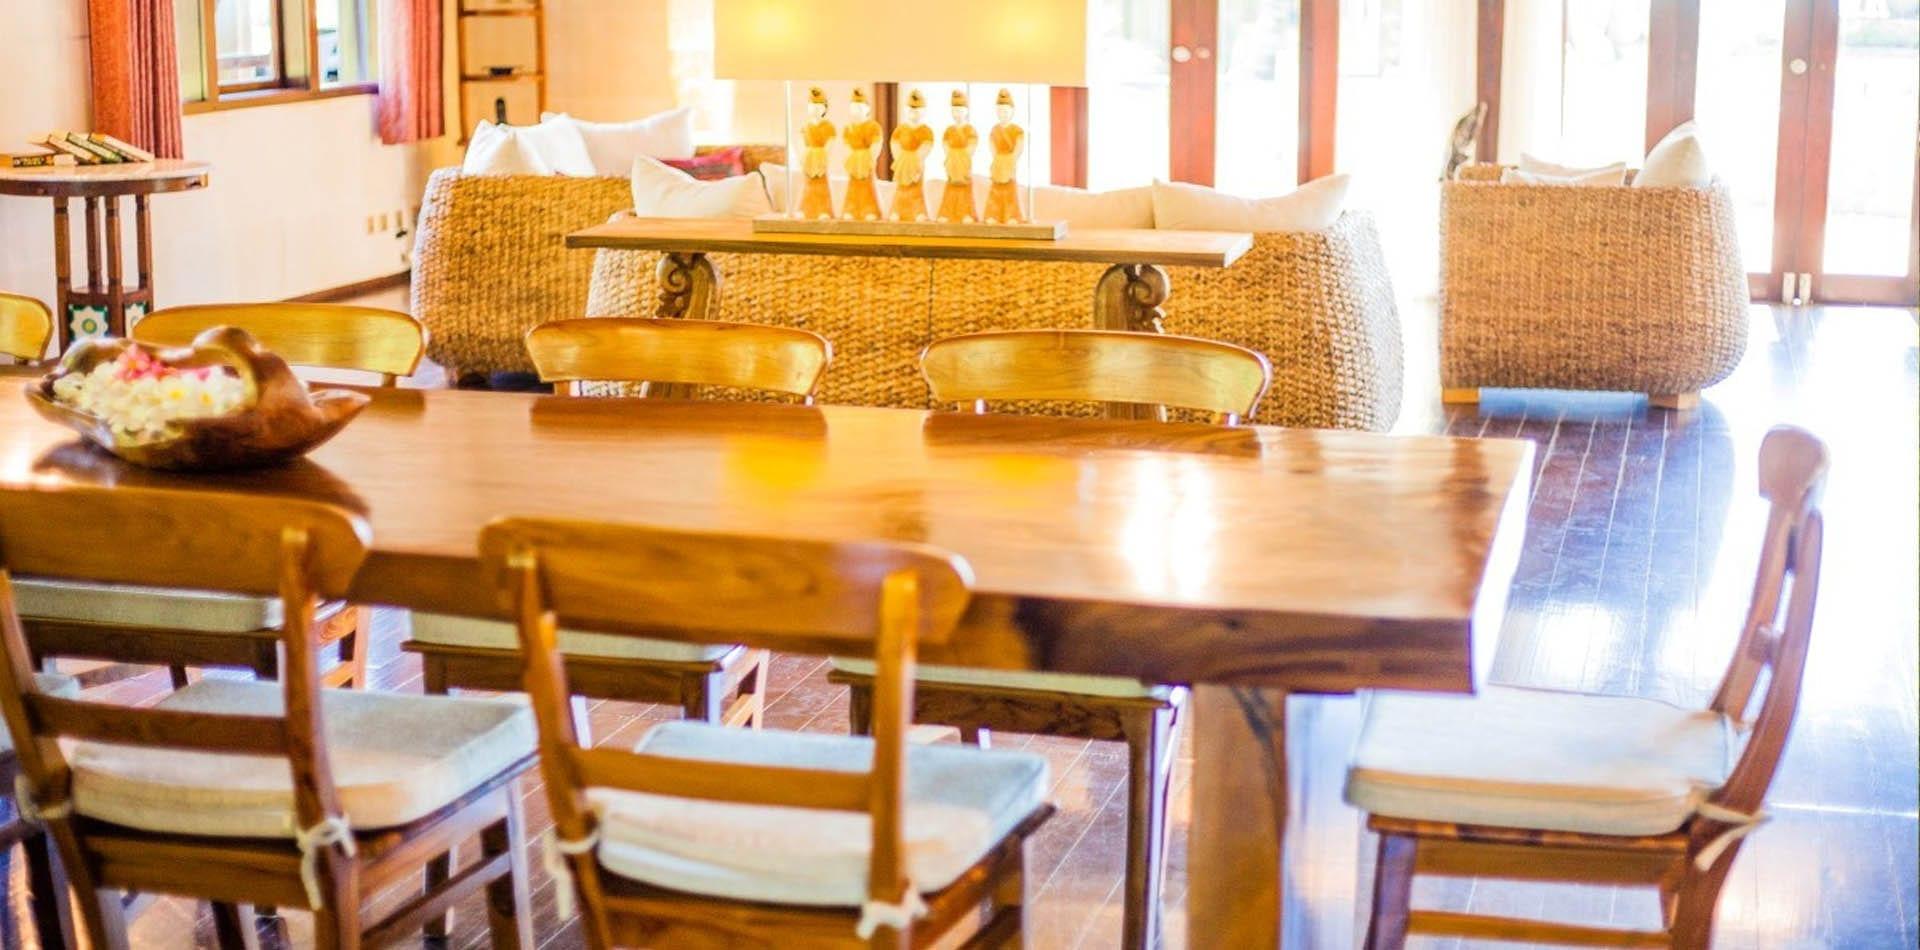 5 Cara Efektif Membersihkan Furniture Kayu